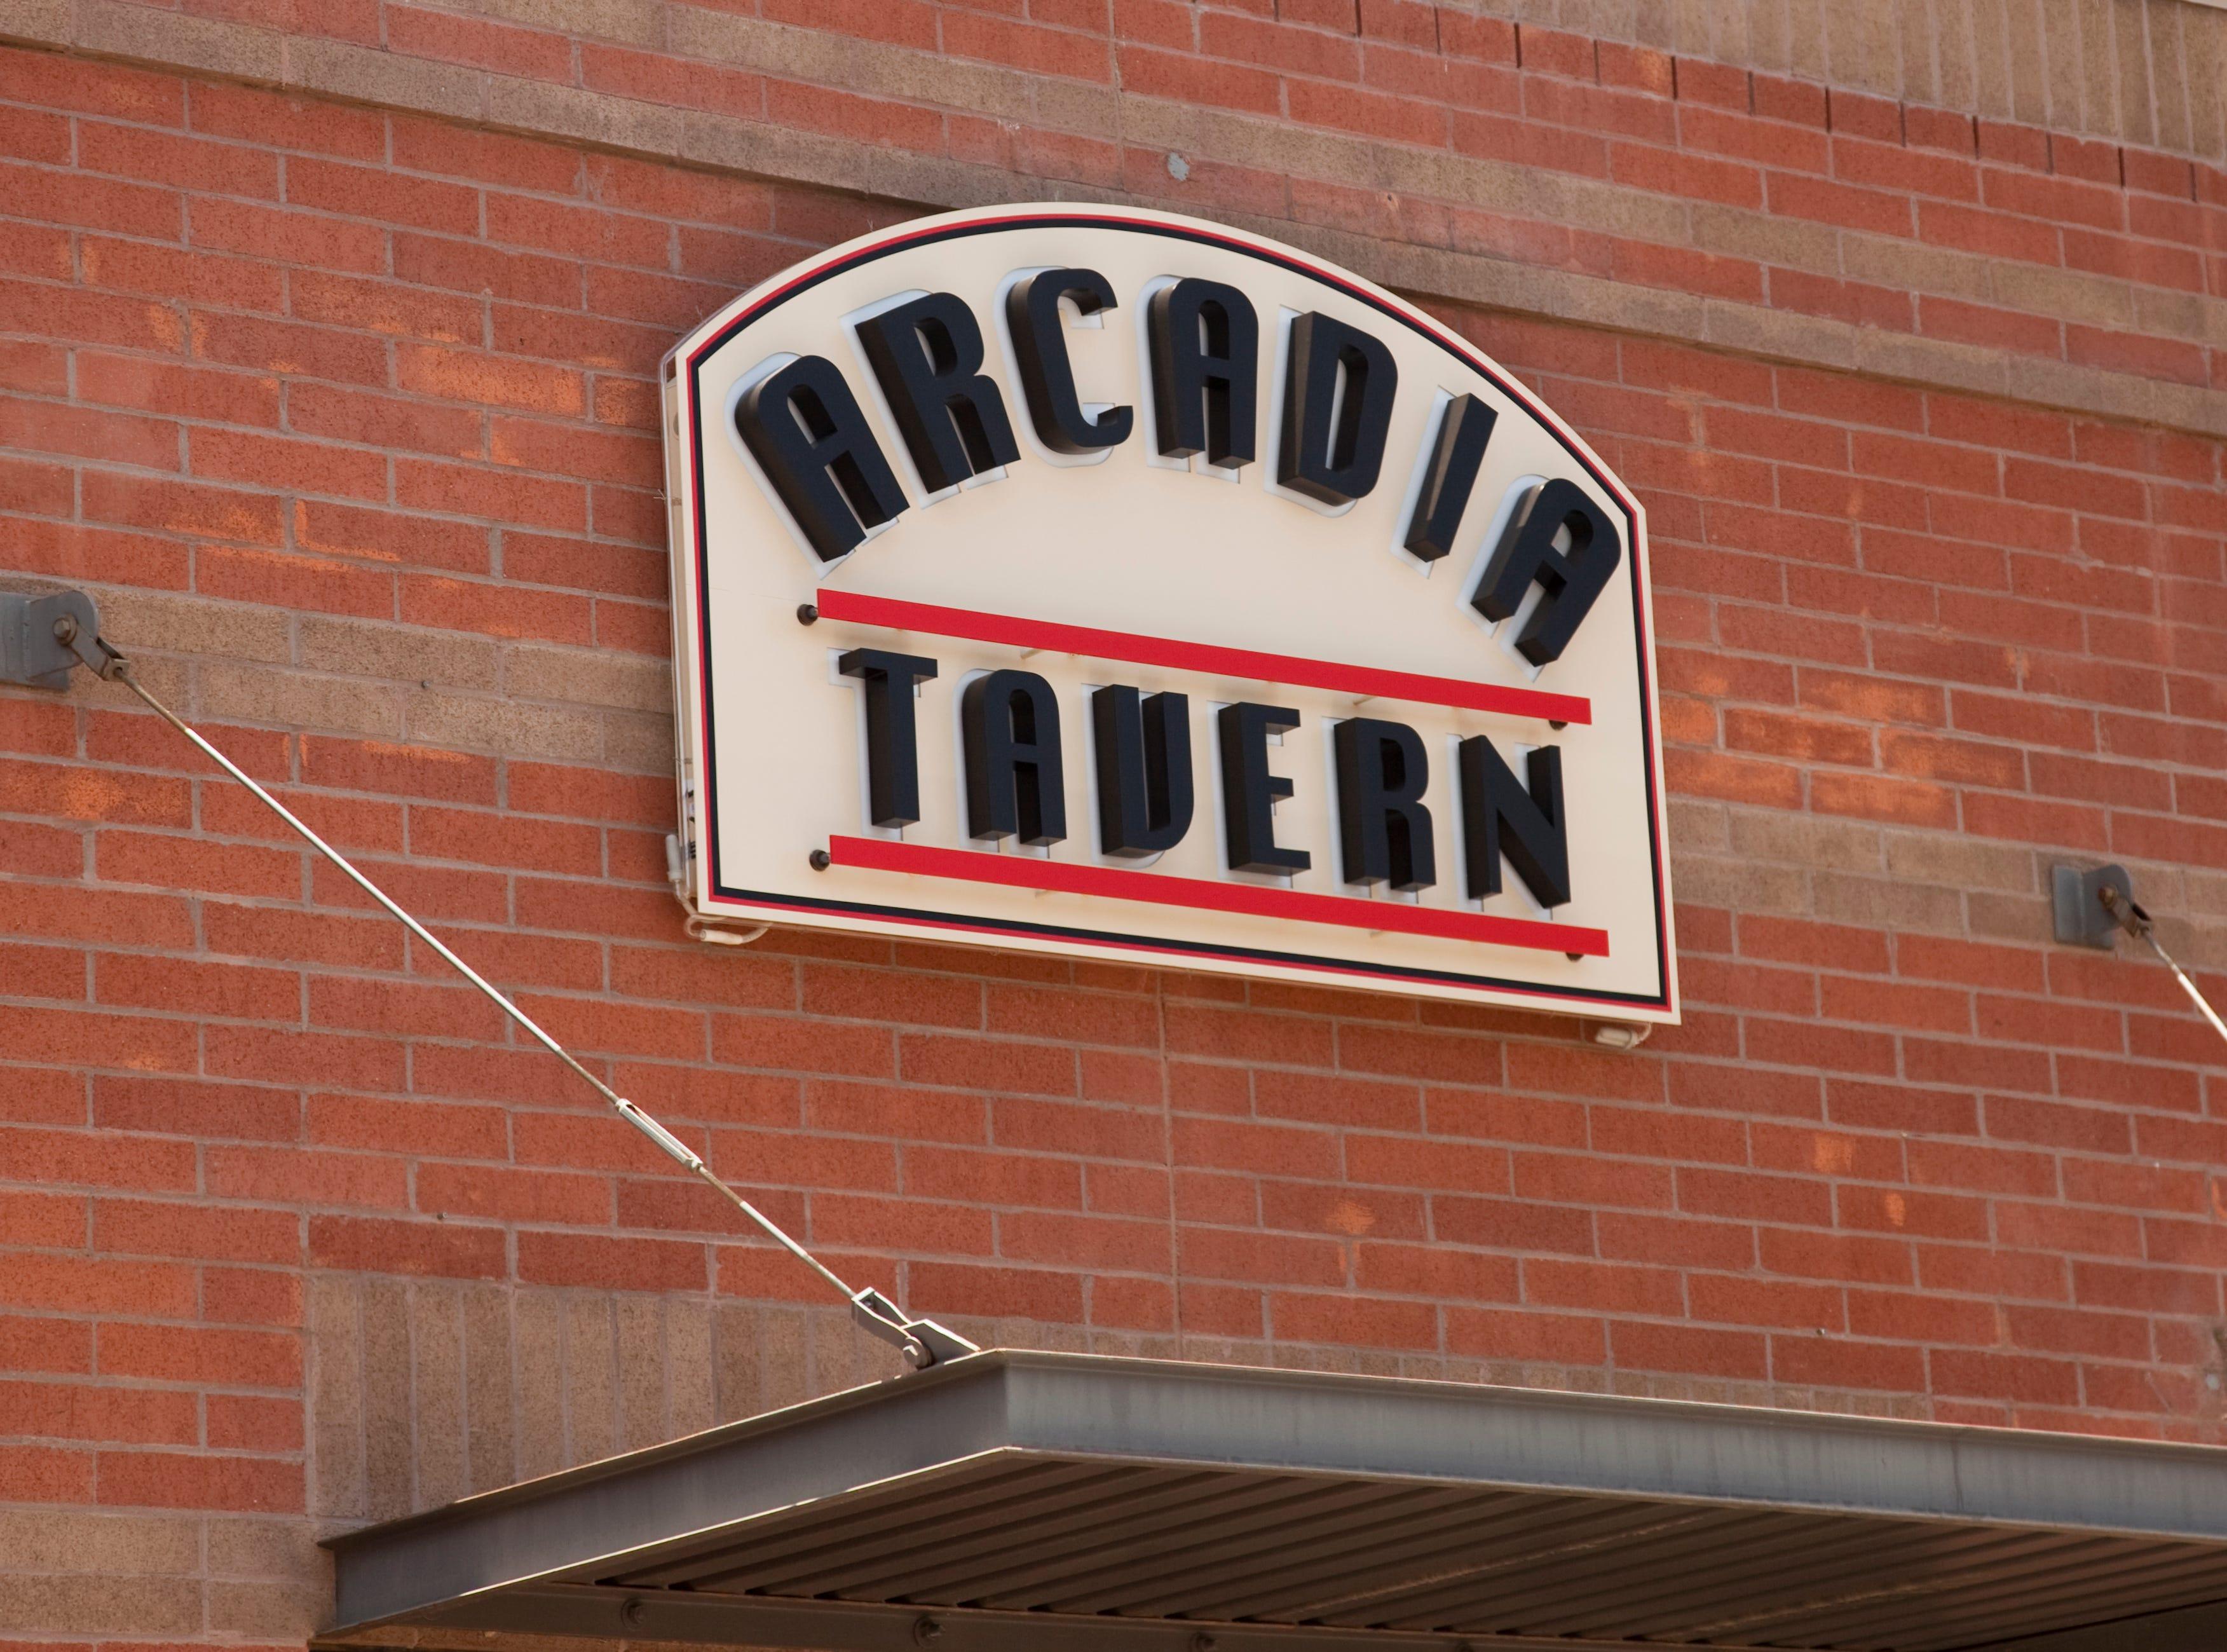 Arcadia Tavern | Nov. 12, get 30 percent off your bill. | Details: 4801 E. Indian School Road, Phoenix. 602-840-3950, arcadiatavern.com.